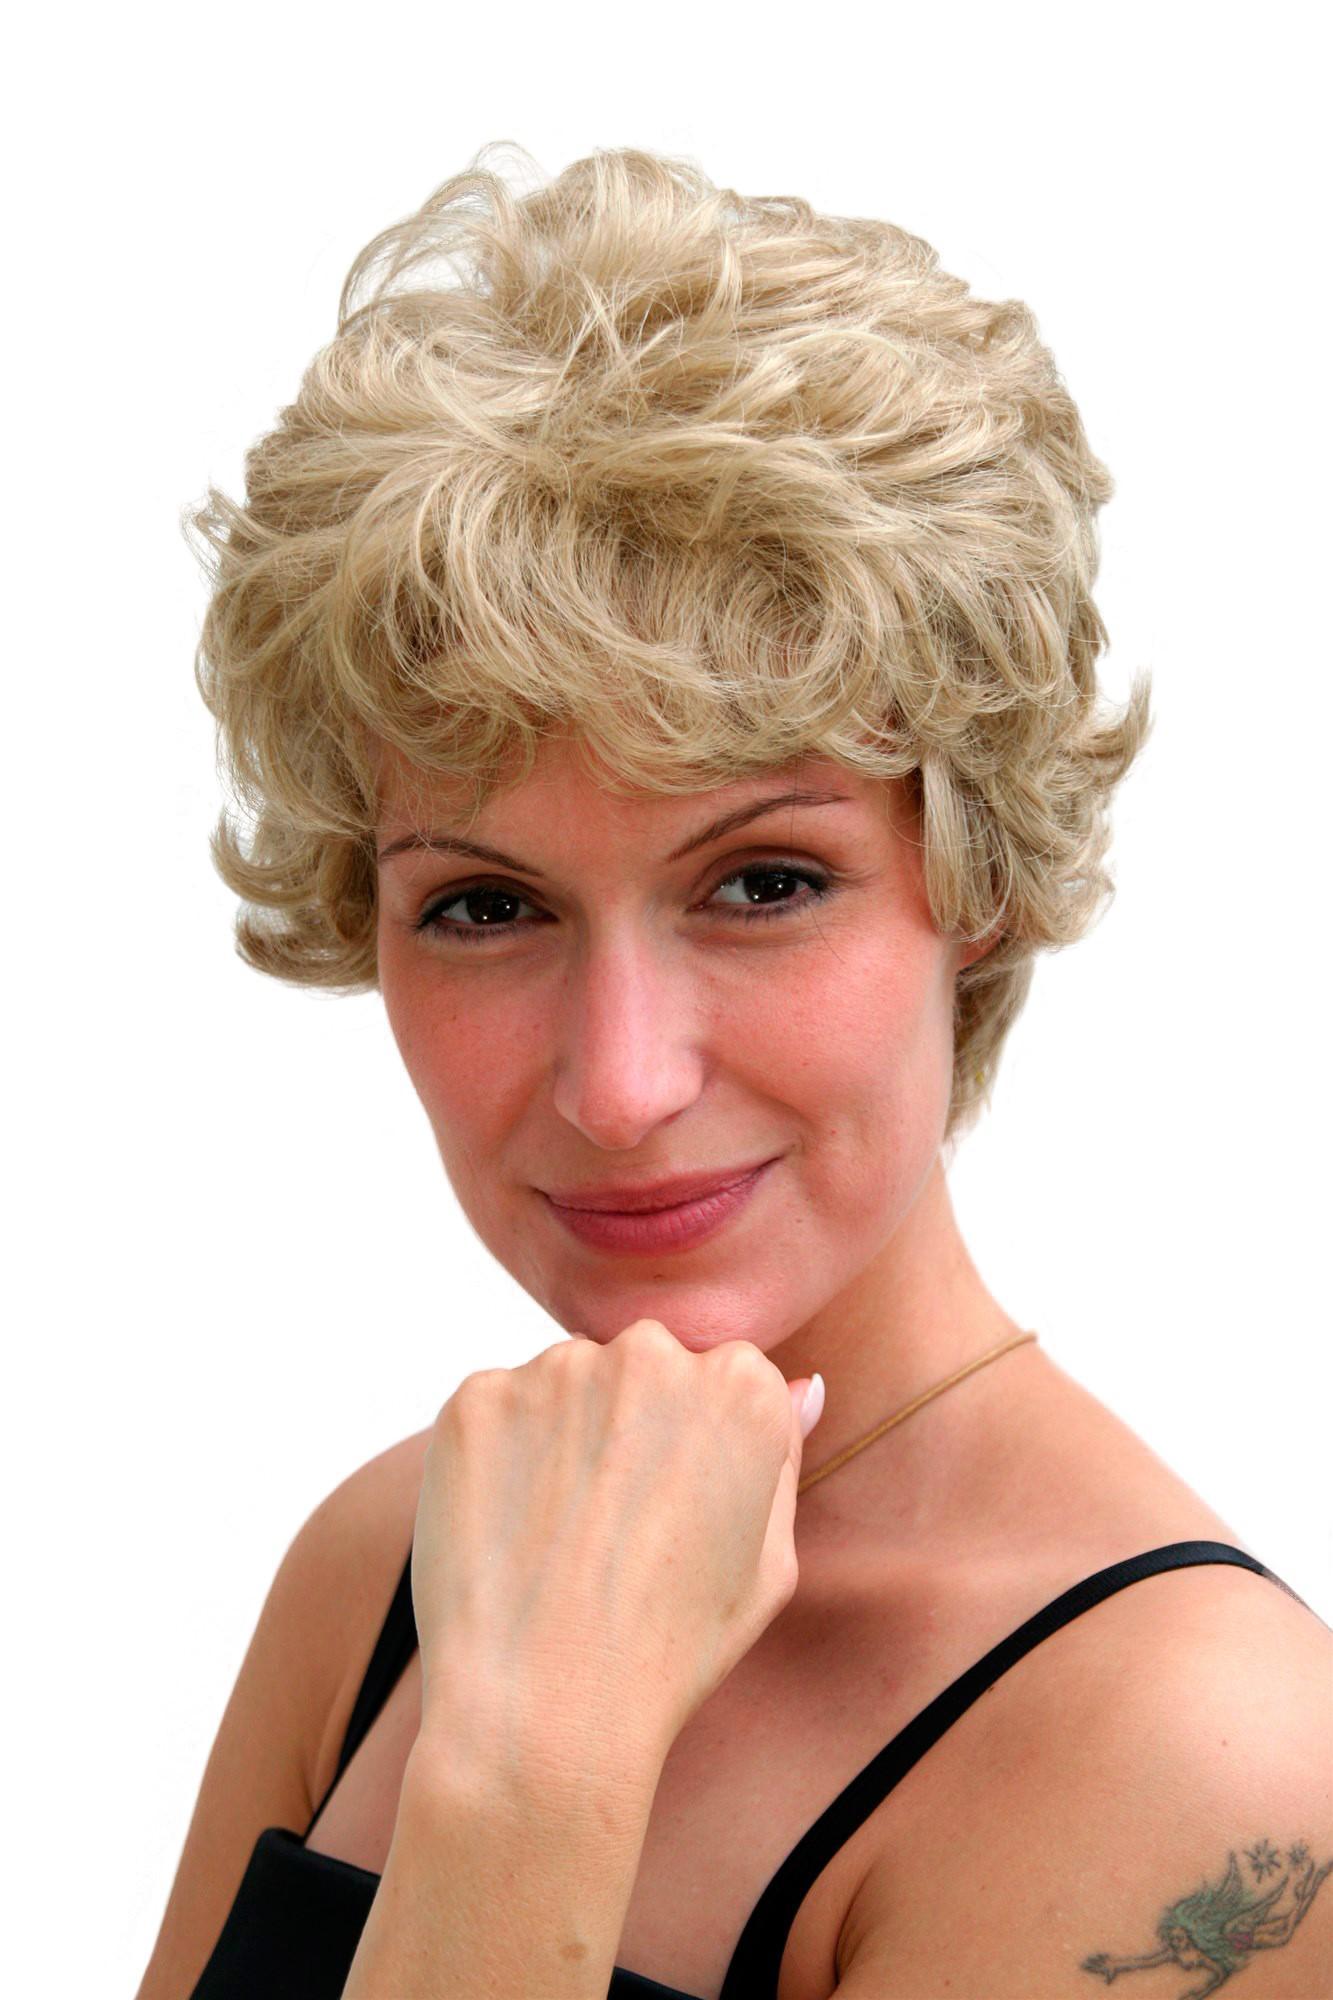 Damenpercke blond RetroKurzhaarschnitt gekruseltes Haar